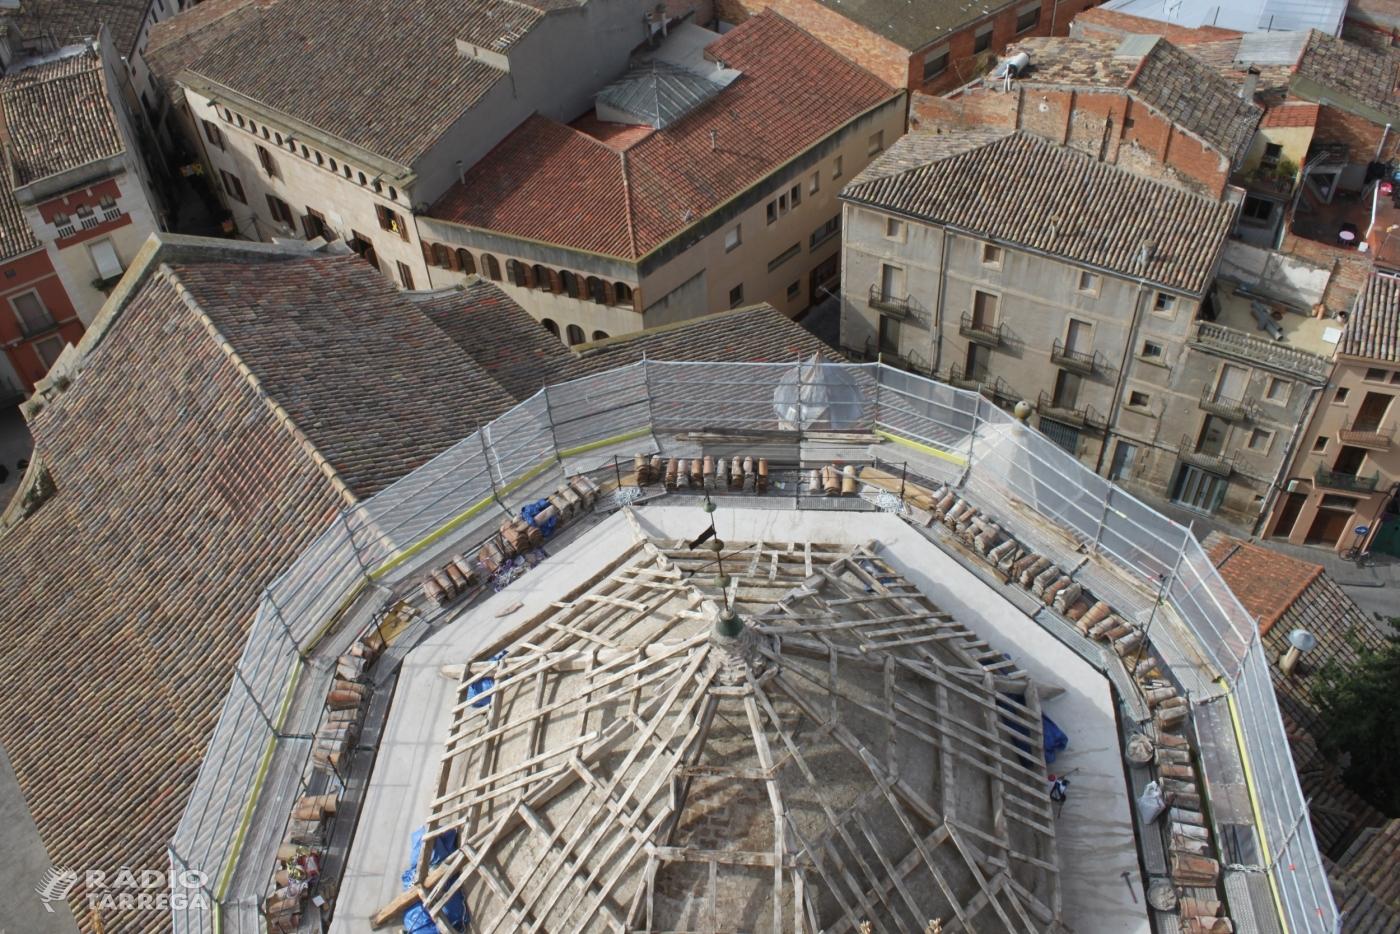 Marxen a bon ritme les obres de rehabilitació del cimbori de l'església de Santa Maria de l'Alba de Tàrrega